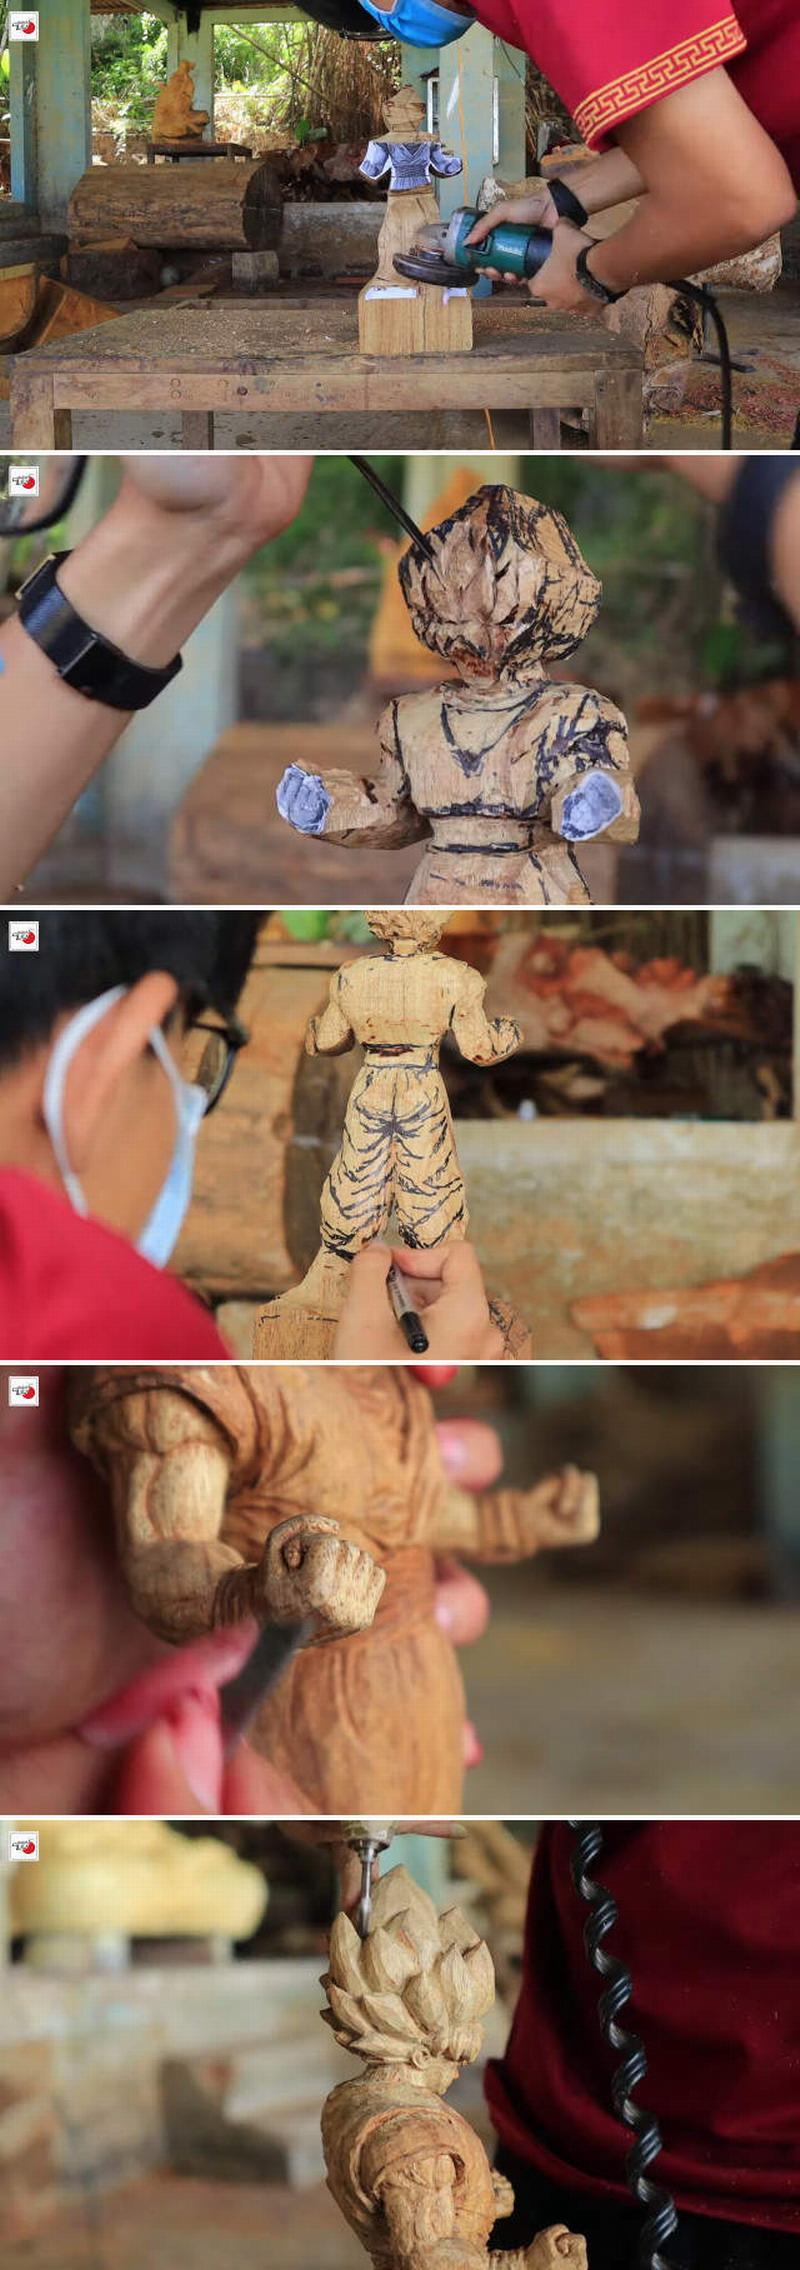 越南雕刻达人制作《七龙珠》悟空木雕 细节逼真